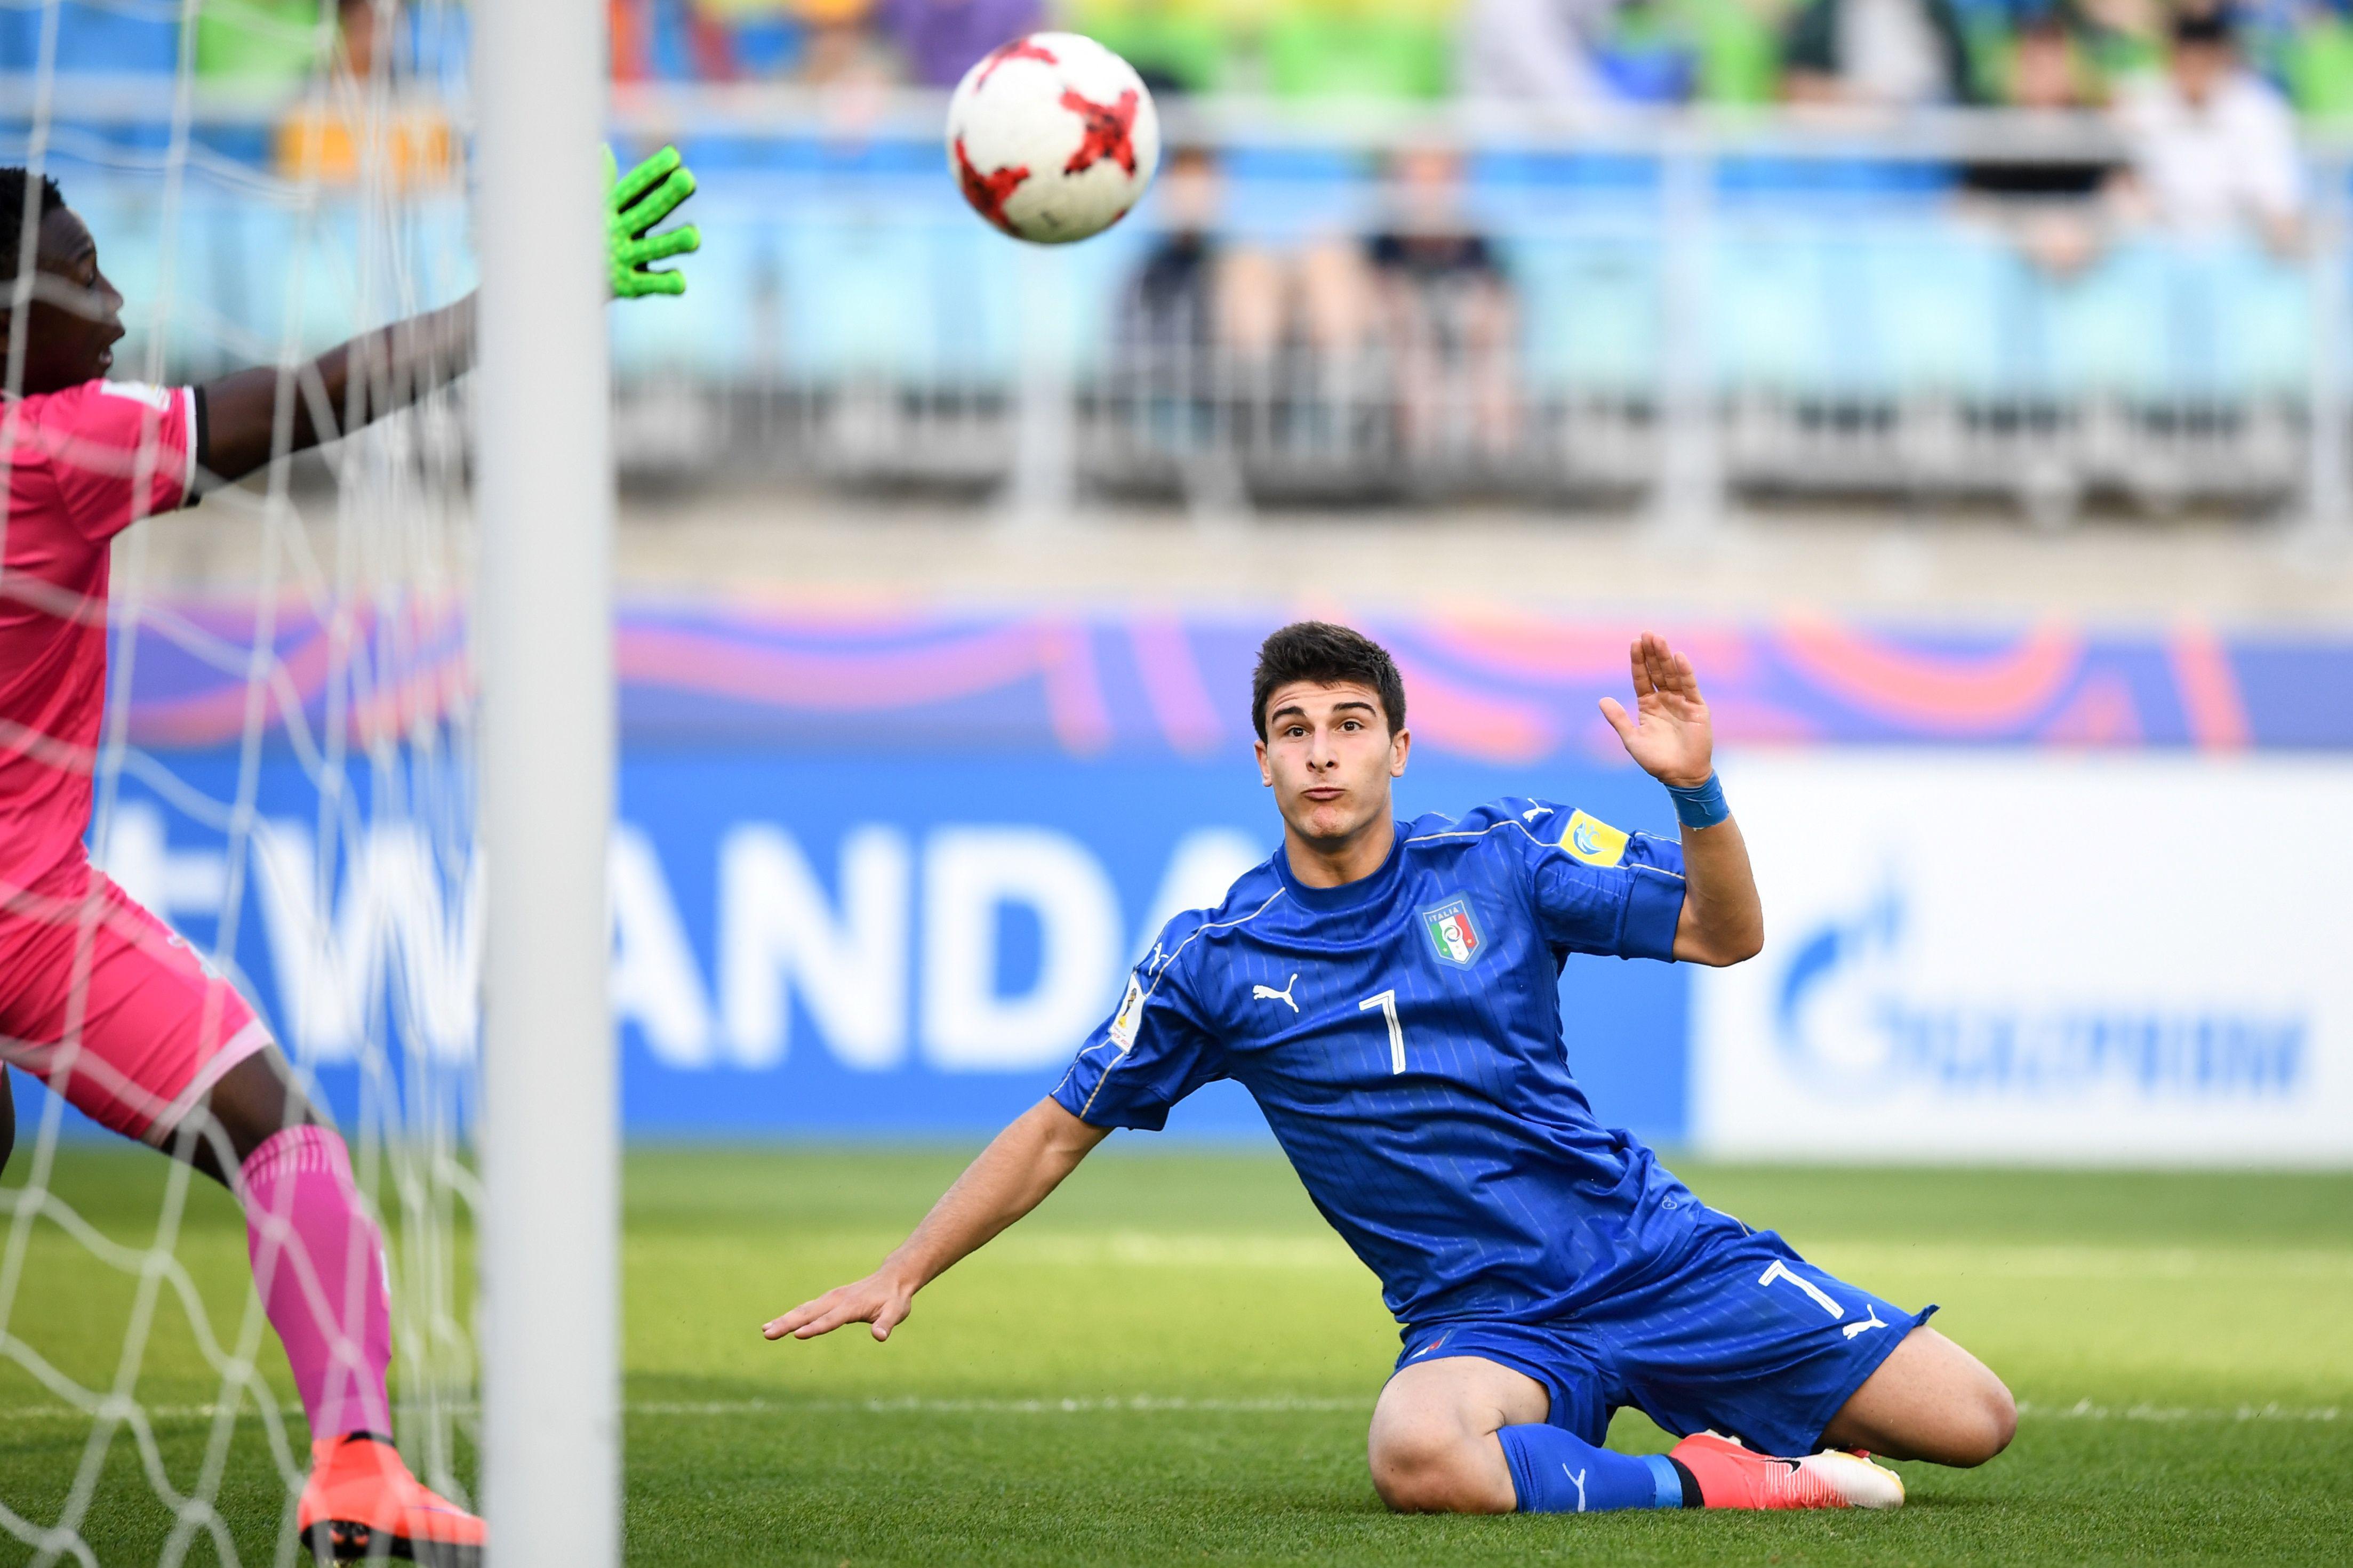 Eyes on the ball, Riccardo